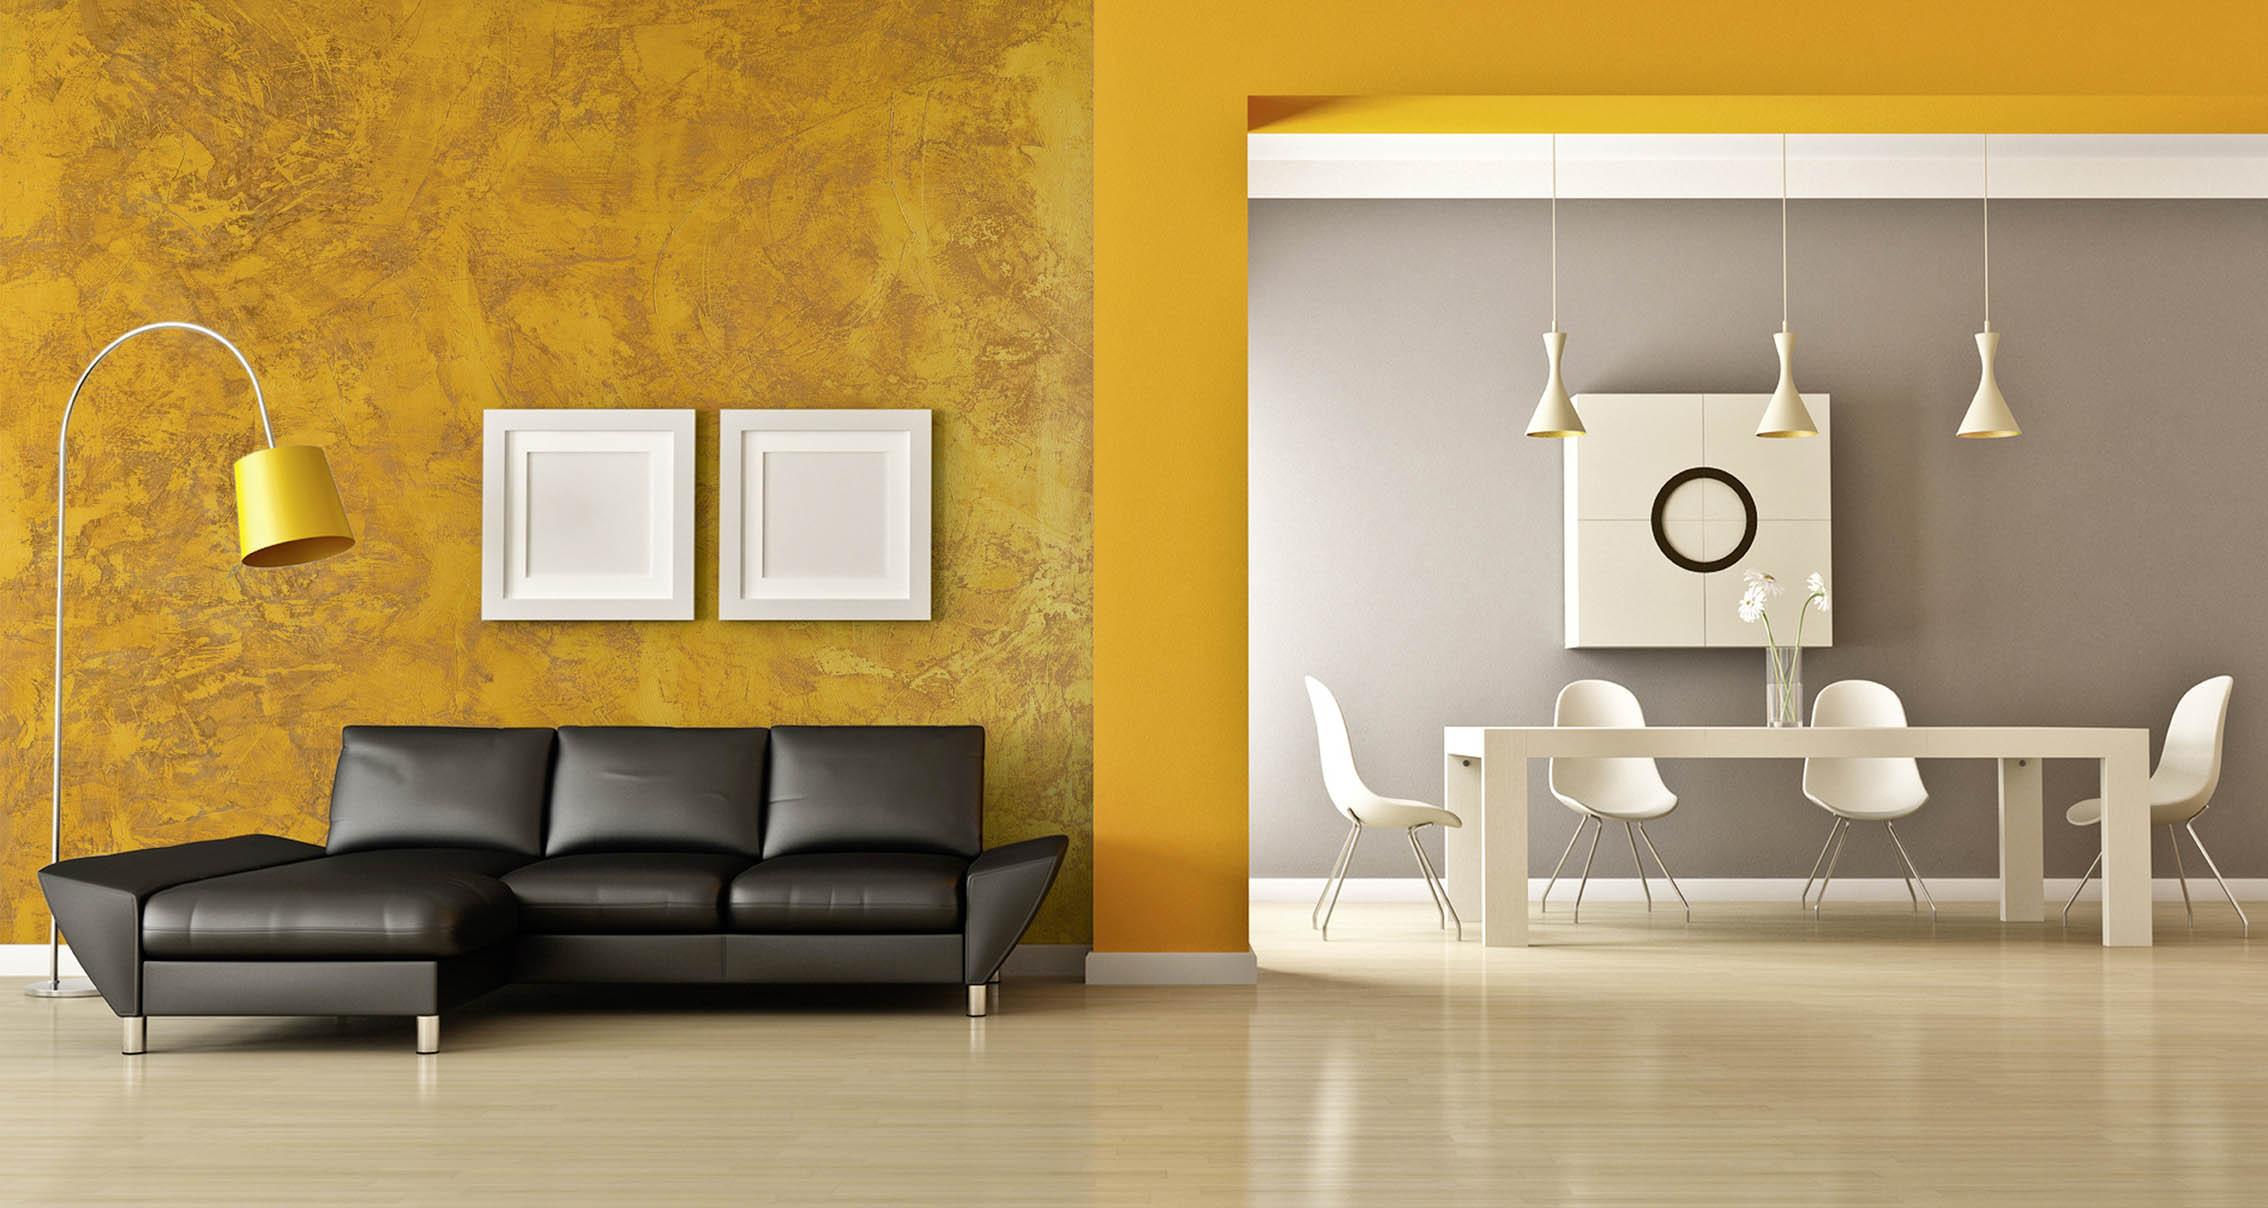 ihr malerbetrieb in l dinghausen wir sch tzen gestalten und erhalten ihr zuhause. Black Bedroom Furniture Sets. Home Design Ideas